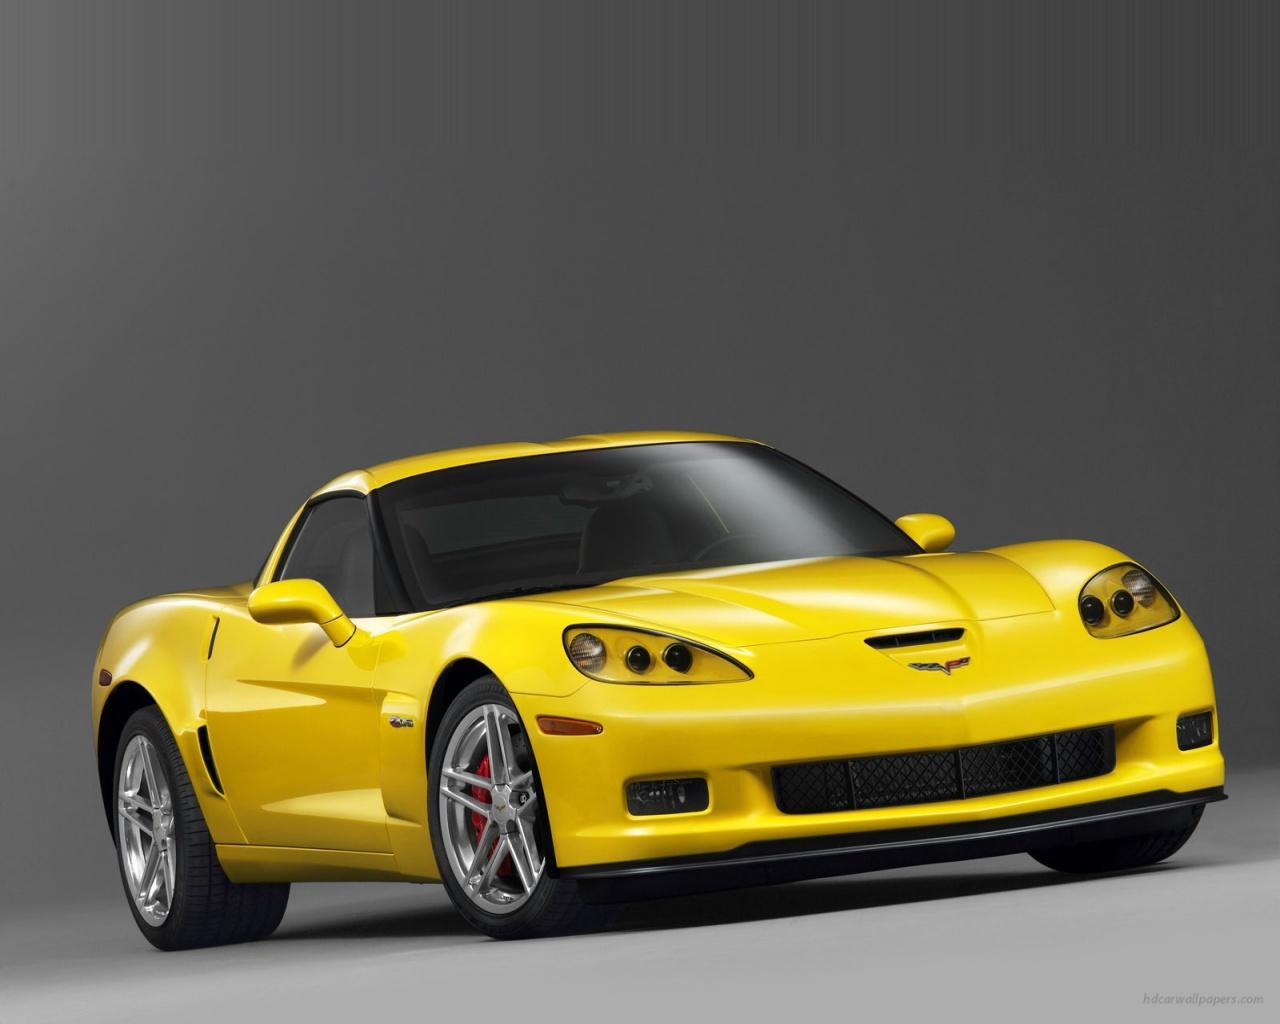 Description Chevrolet Corvette C6 Z06 Wallpaper is a hi res Wallpaper 1280x1024